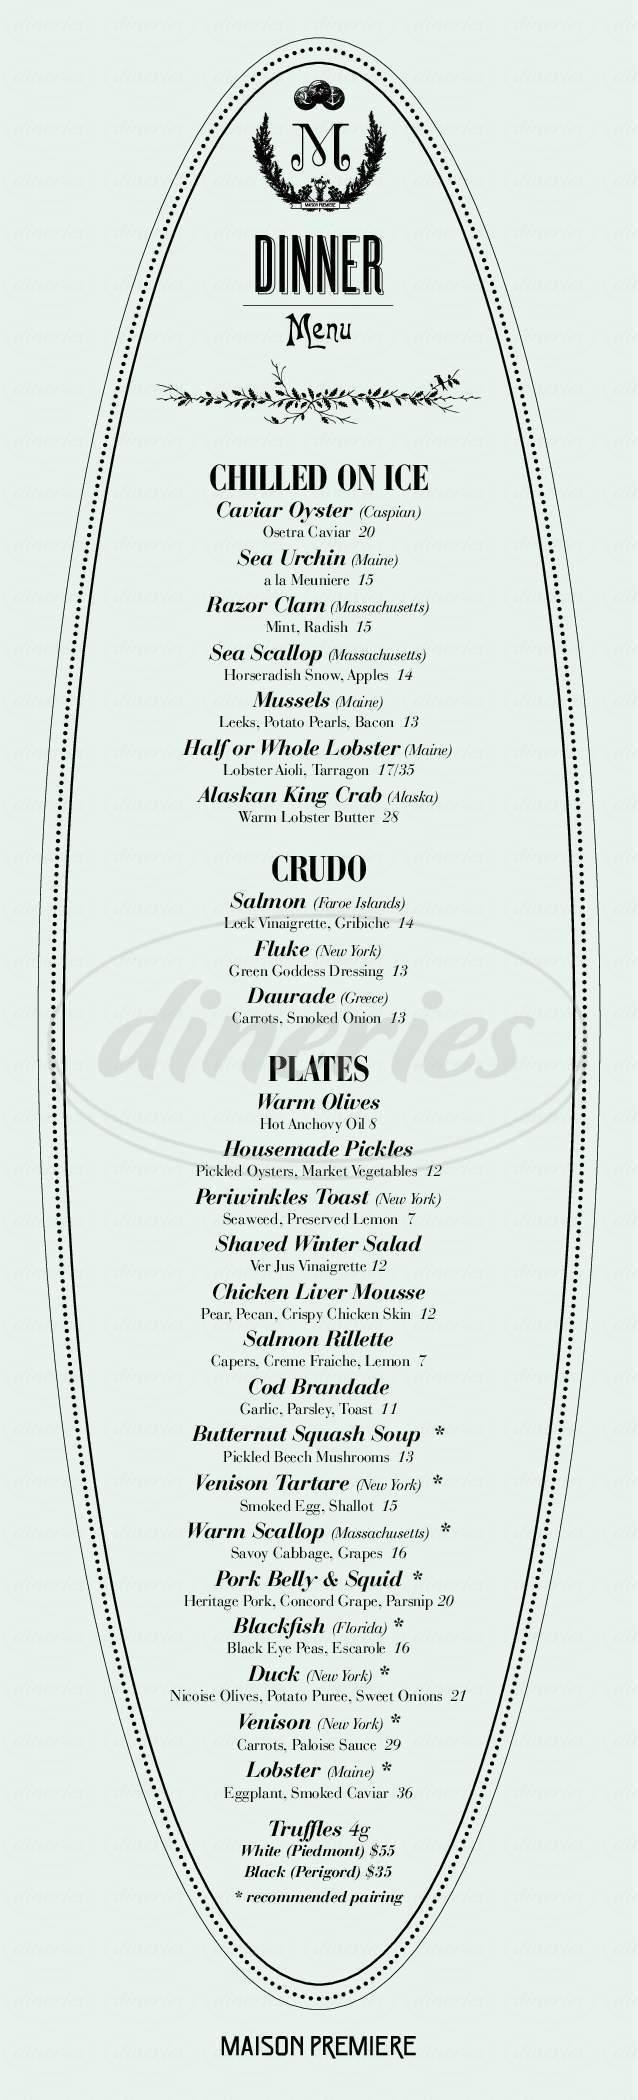 menu for Maison Premiere